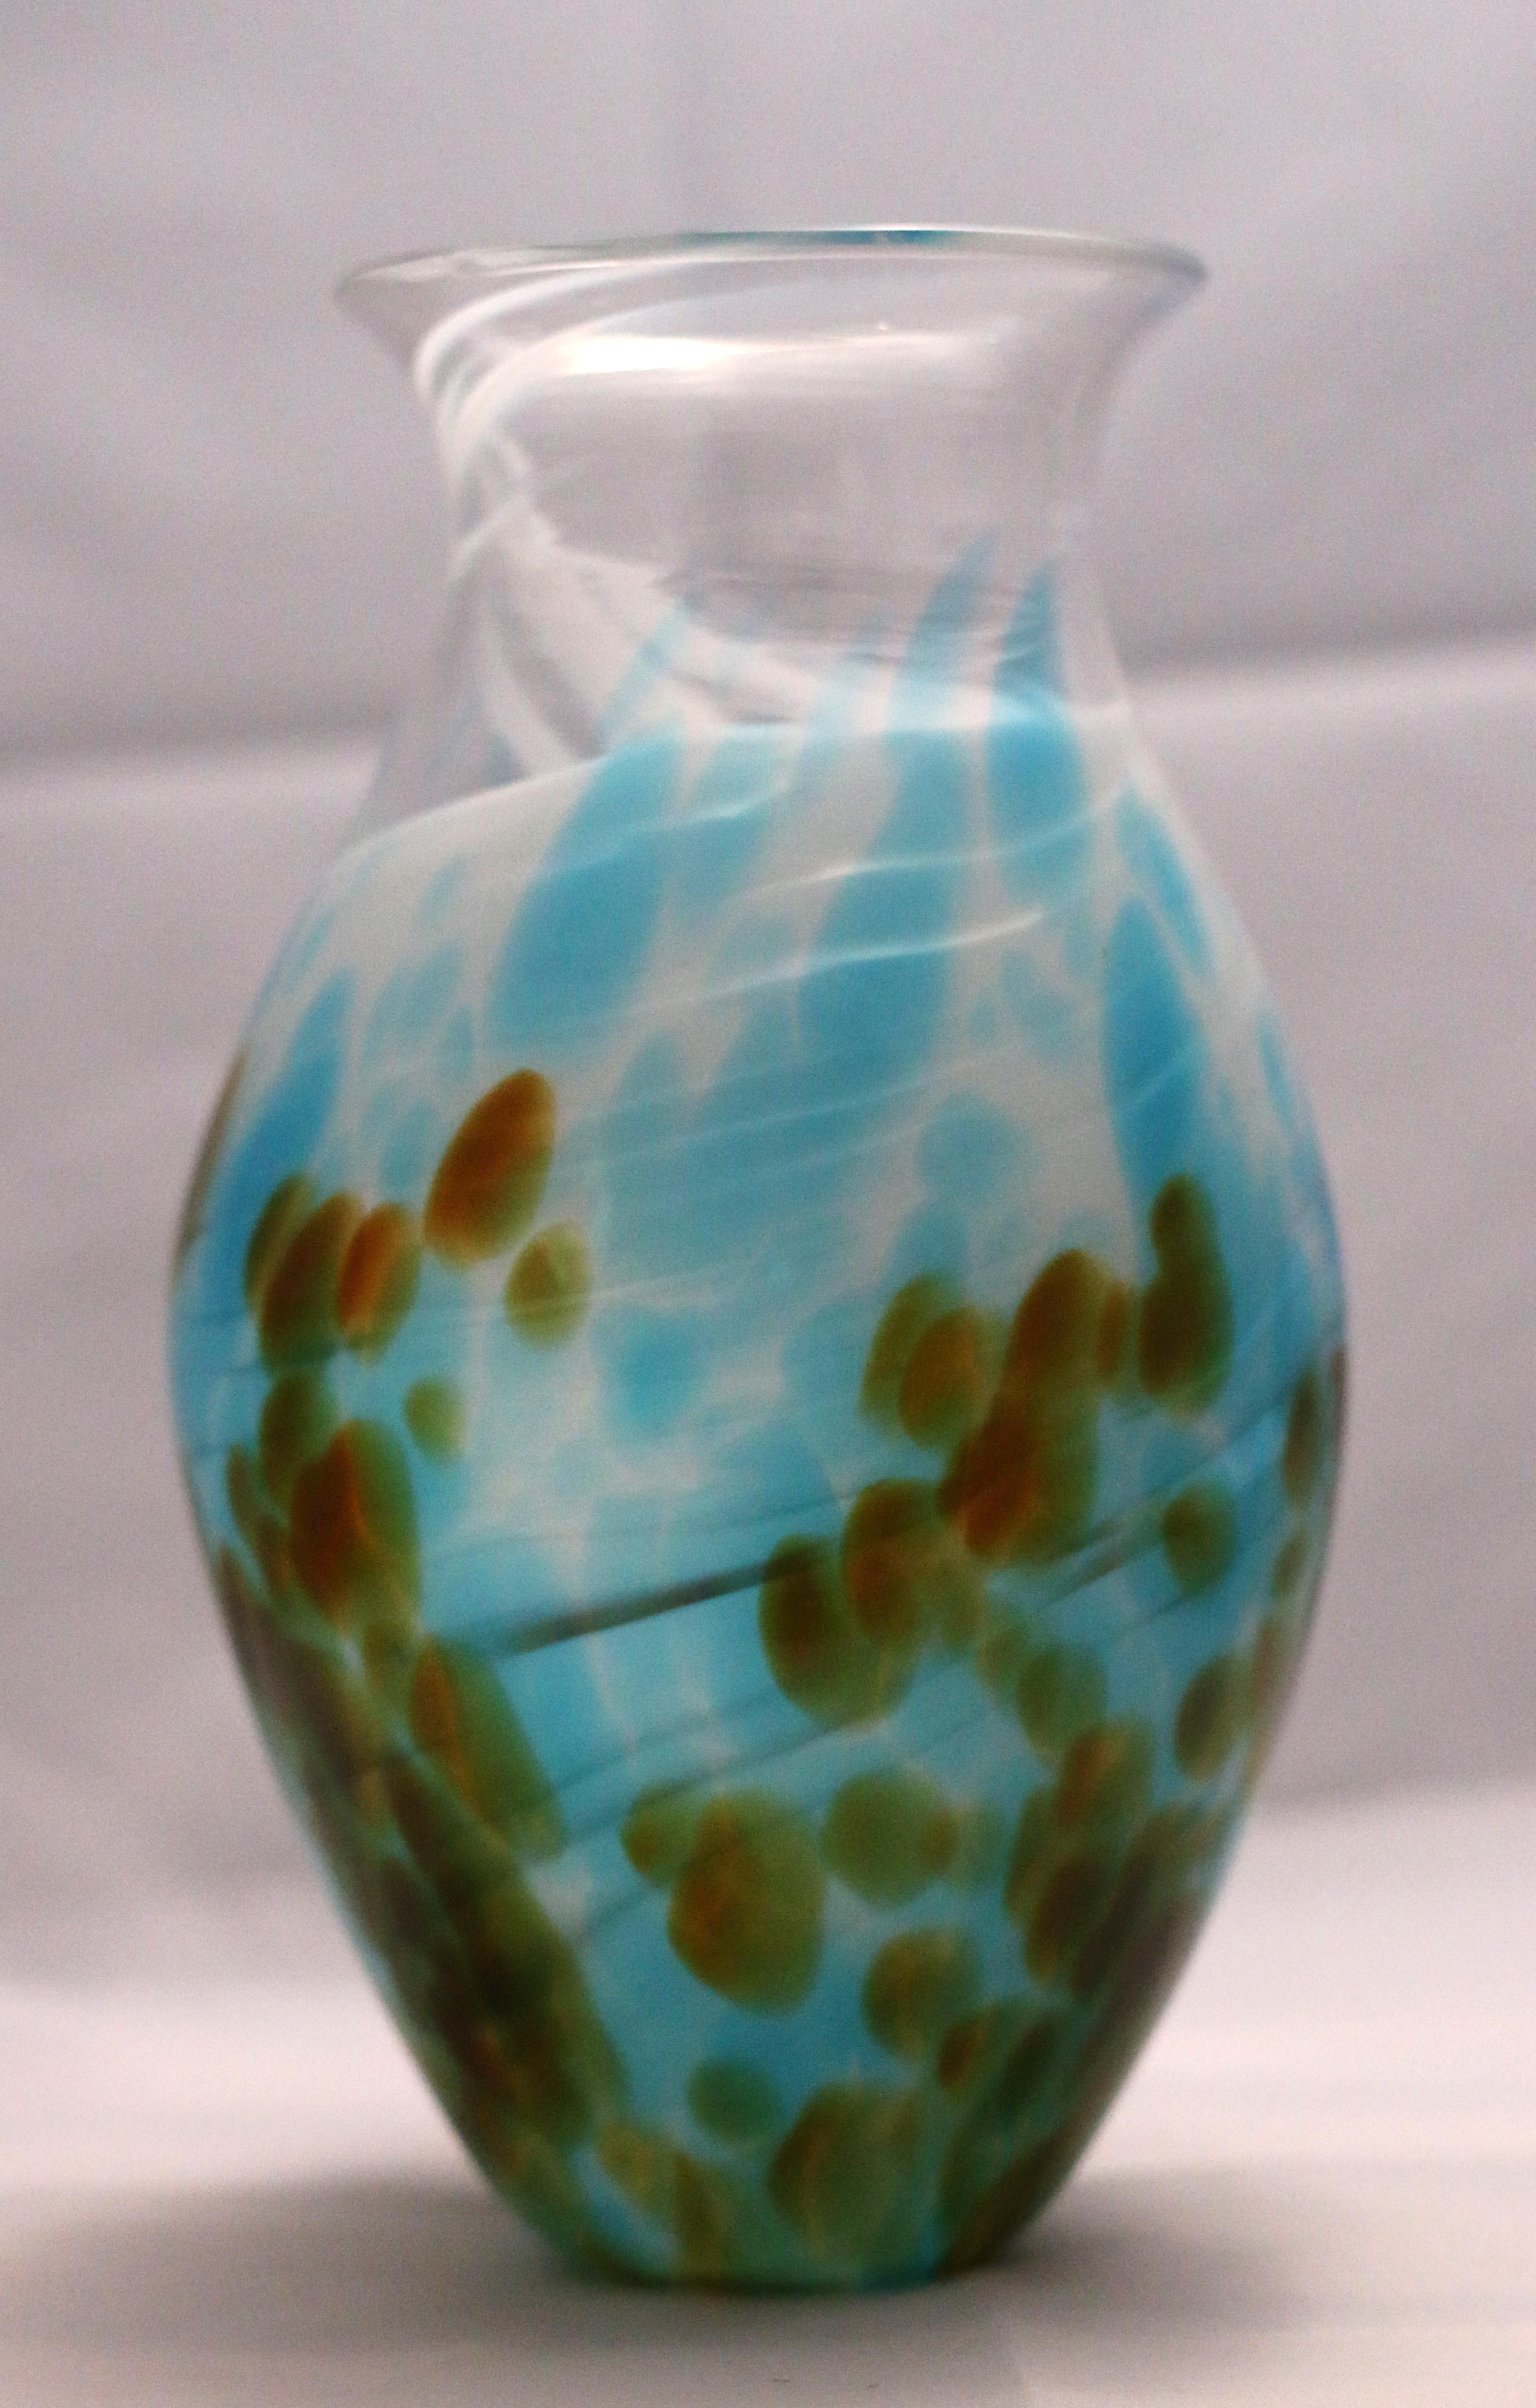 Ebay Vases for Sale Of 22 Hobnail Glass Vase the Weekly World Pertaining to White Milk Glass Vases Bulk Glass Designs